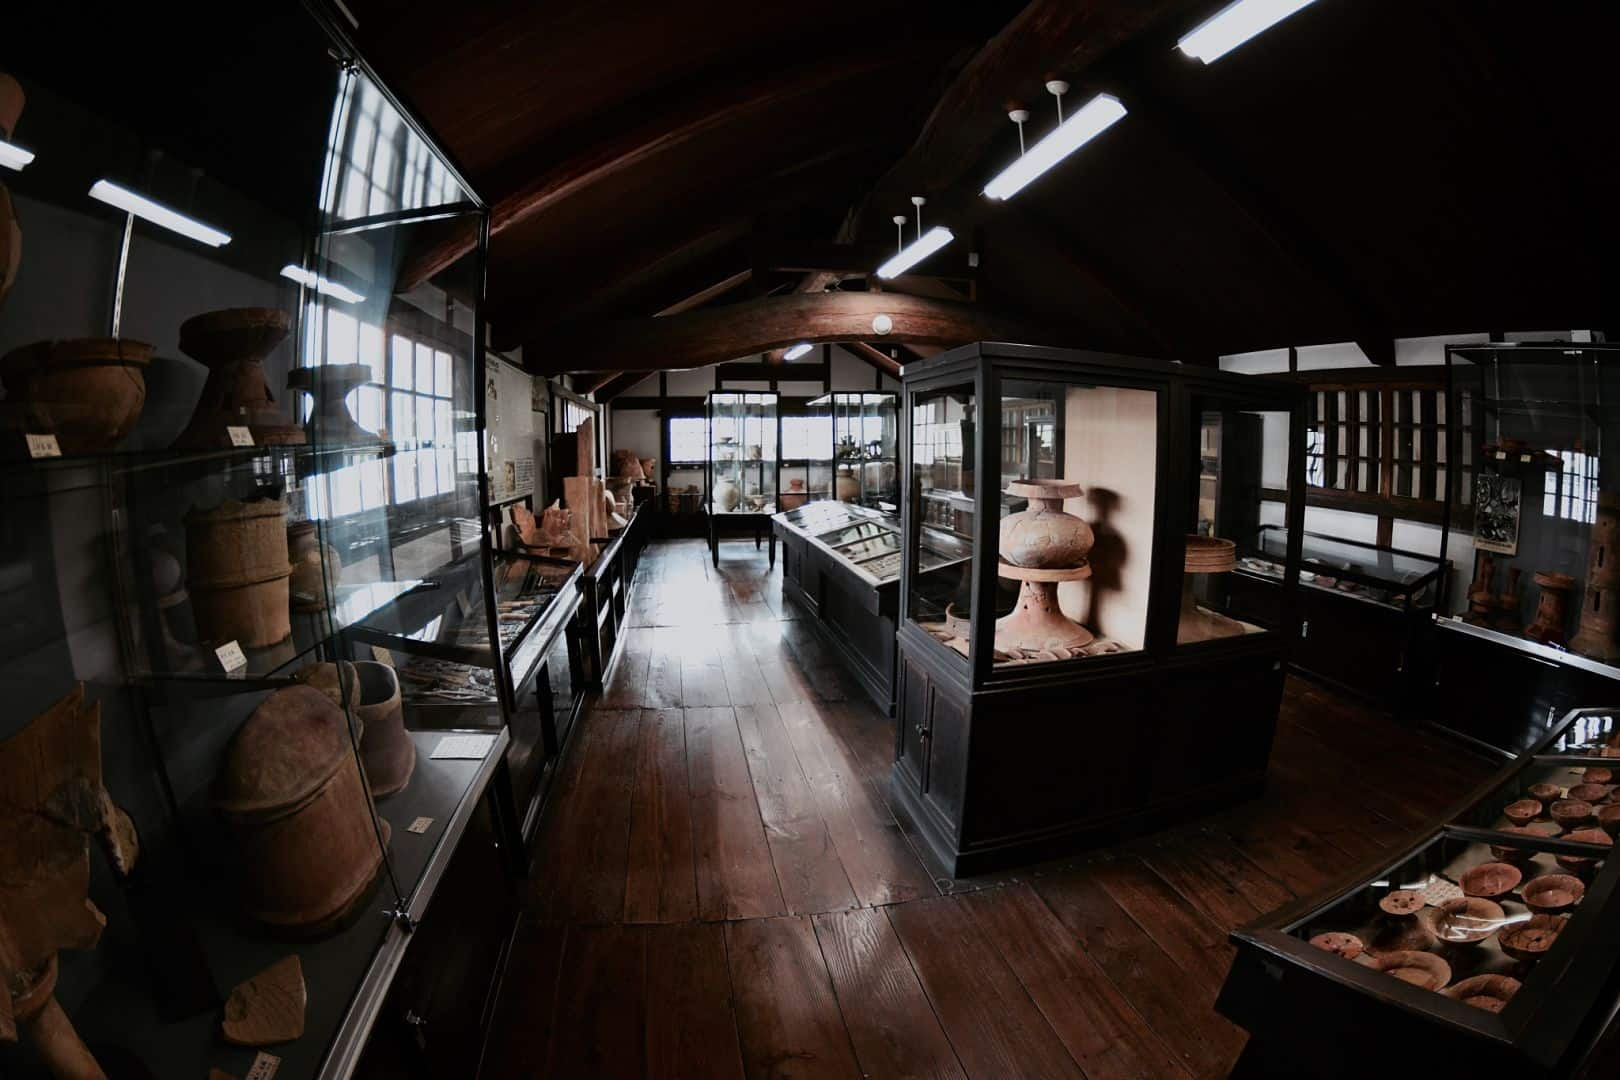 บรรยากาศภายในพิพิธภัณฑ์ทางโบราณคดีคุราชิกิ (Kurashiki Archaeological Museum)